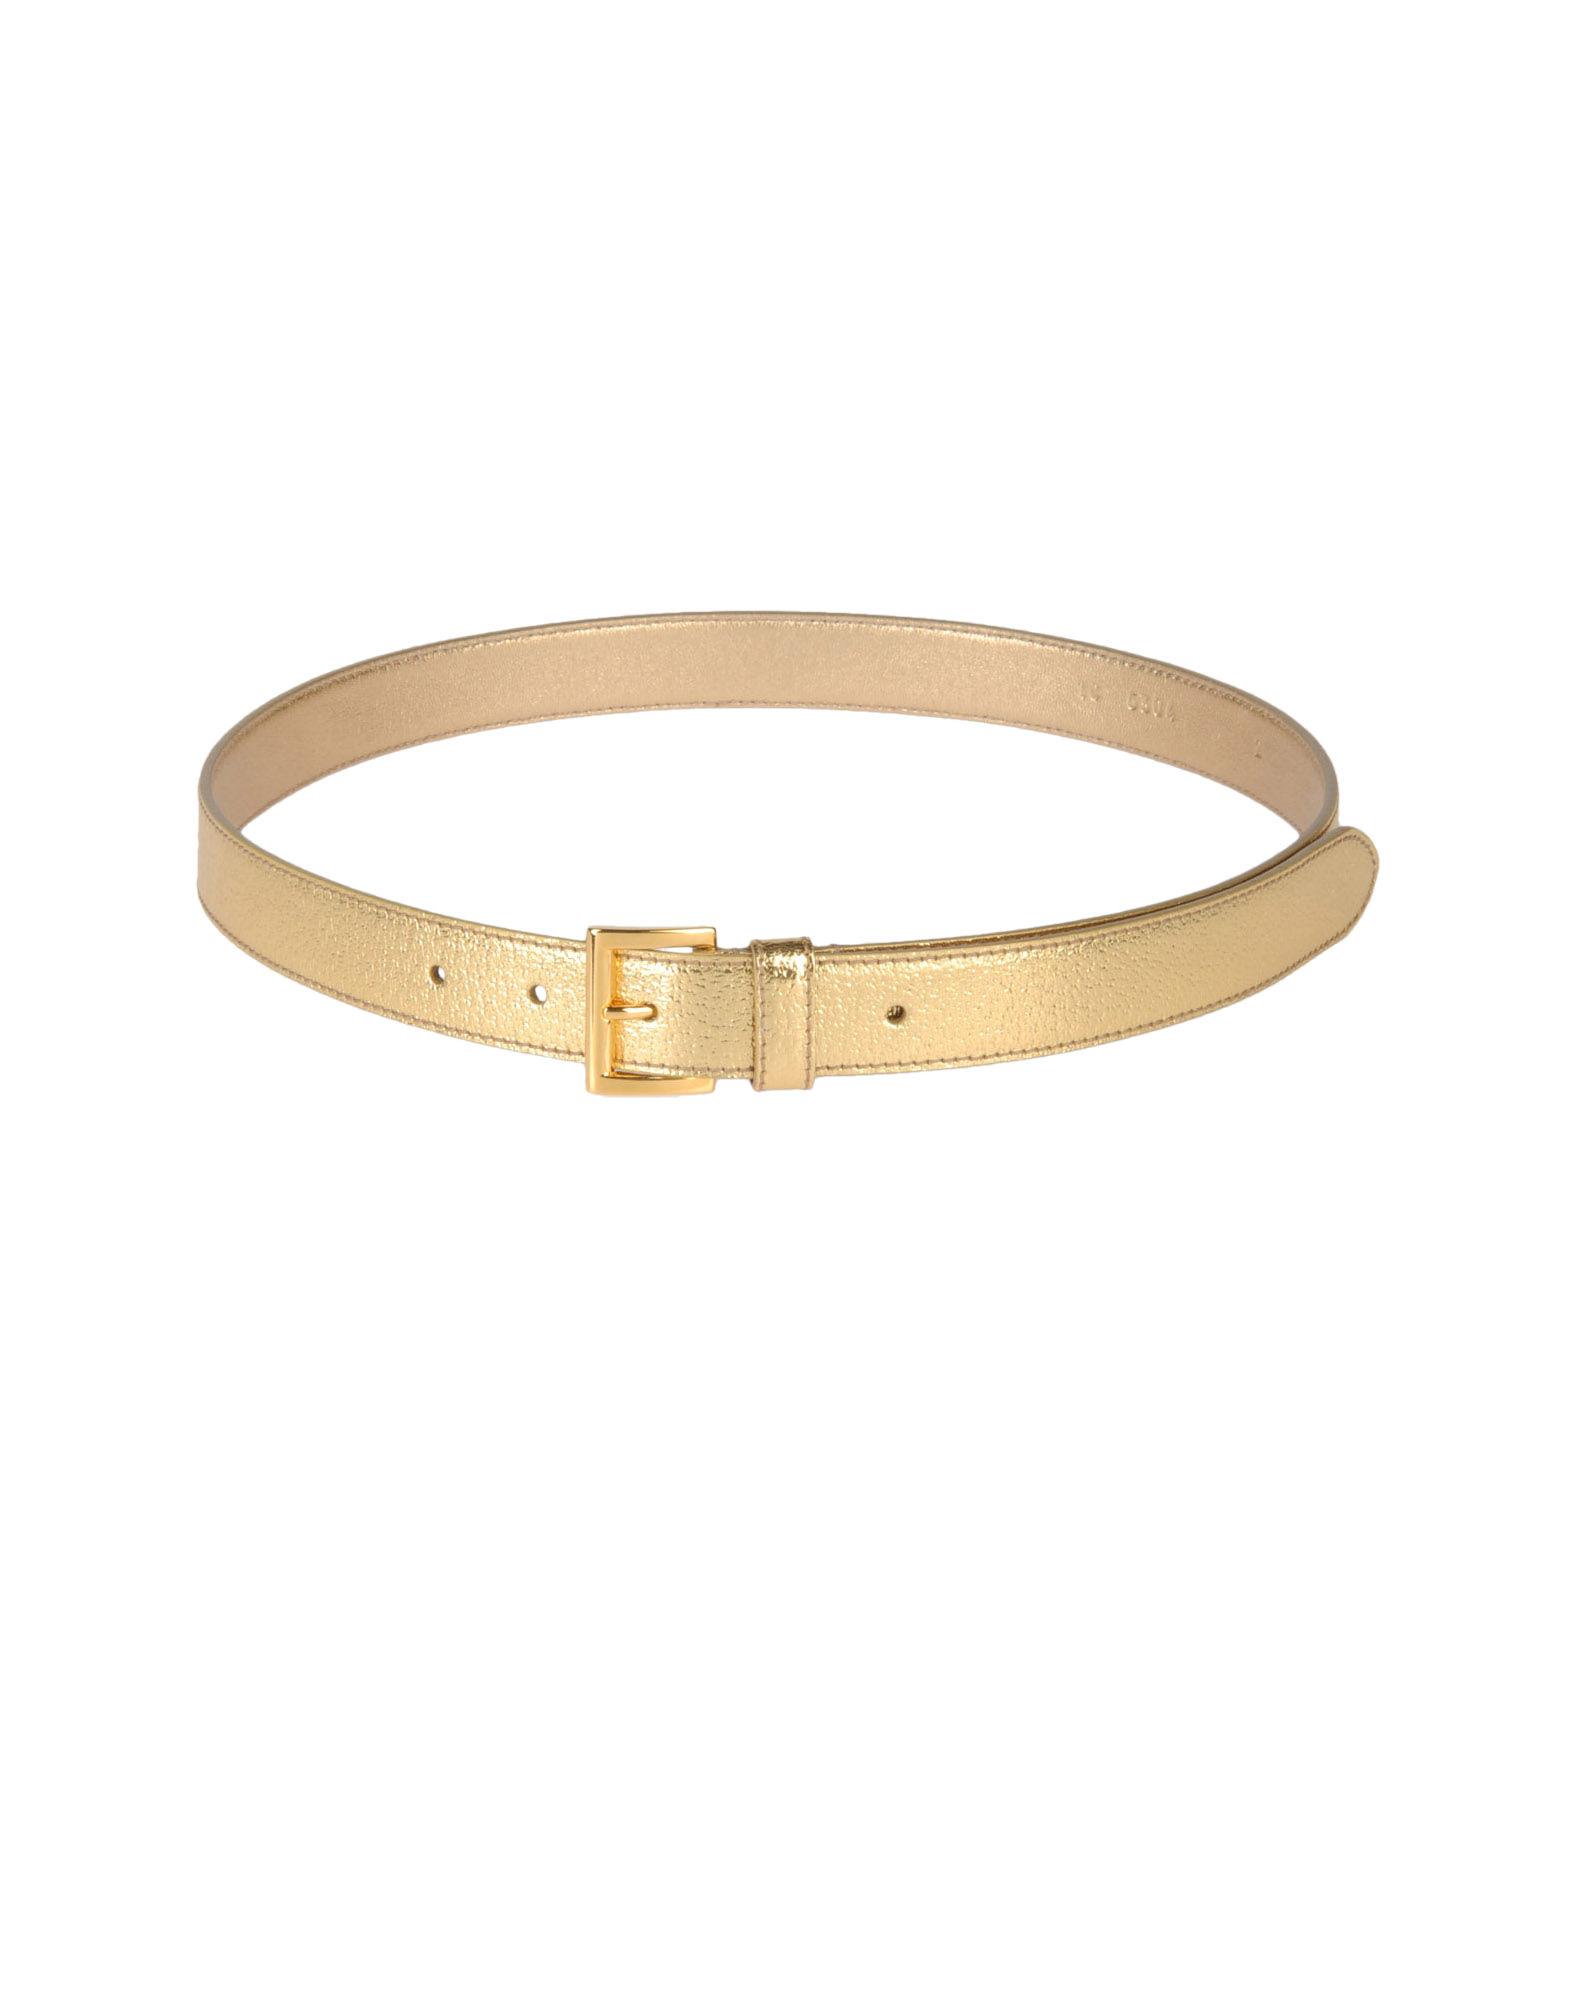 Prada Belt In Gold